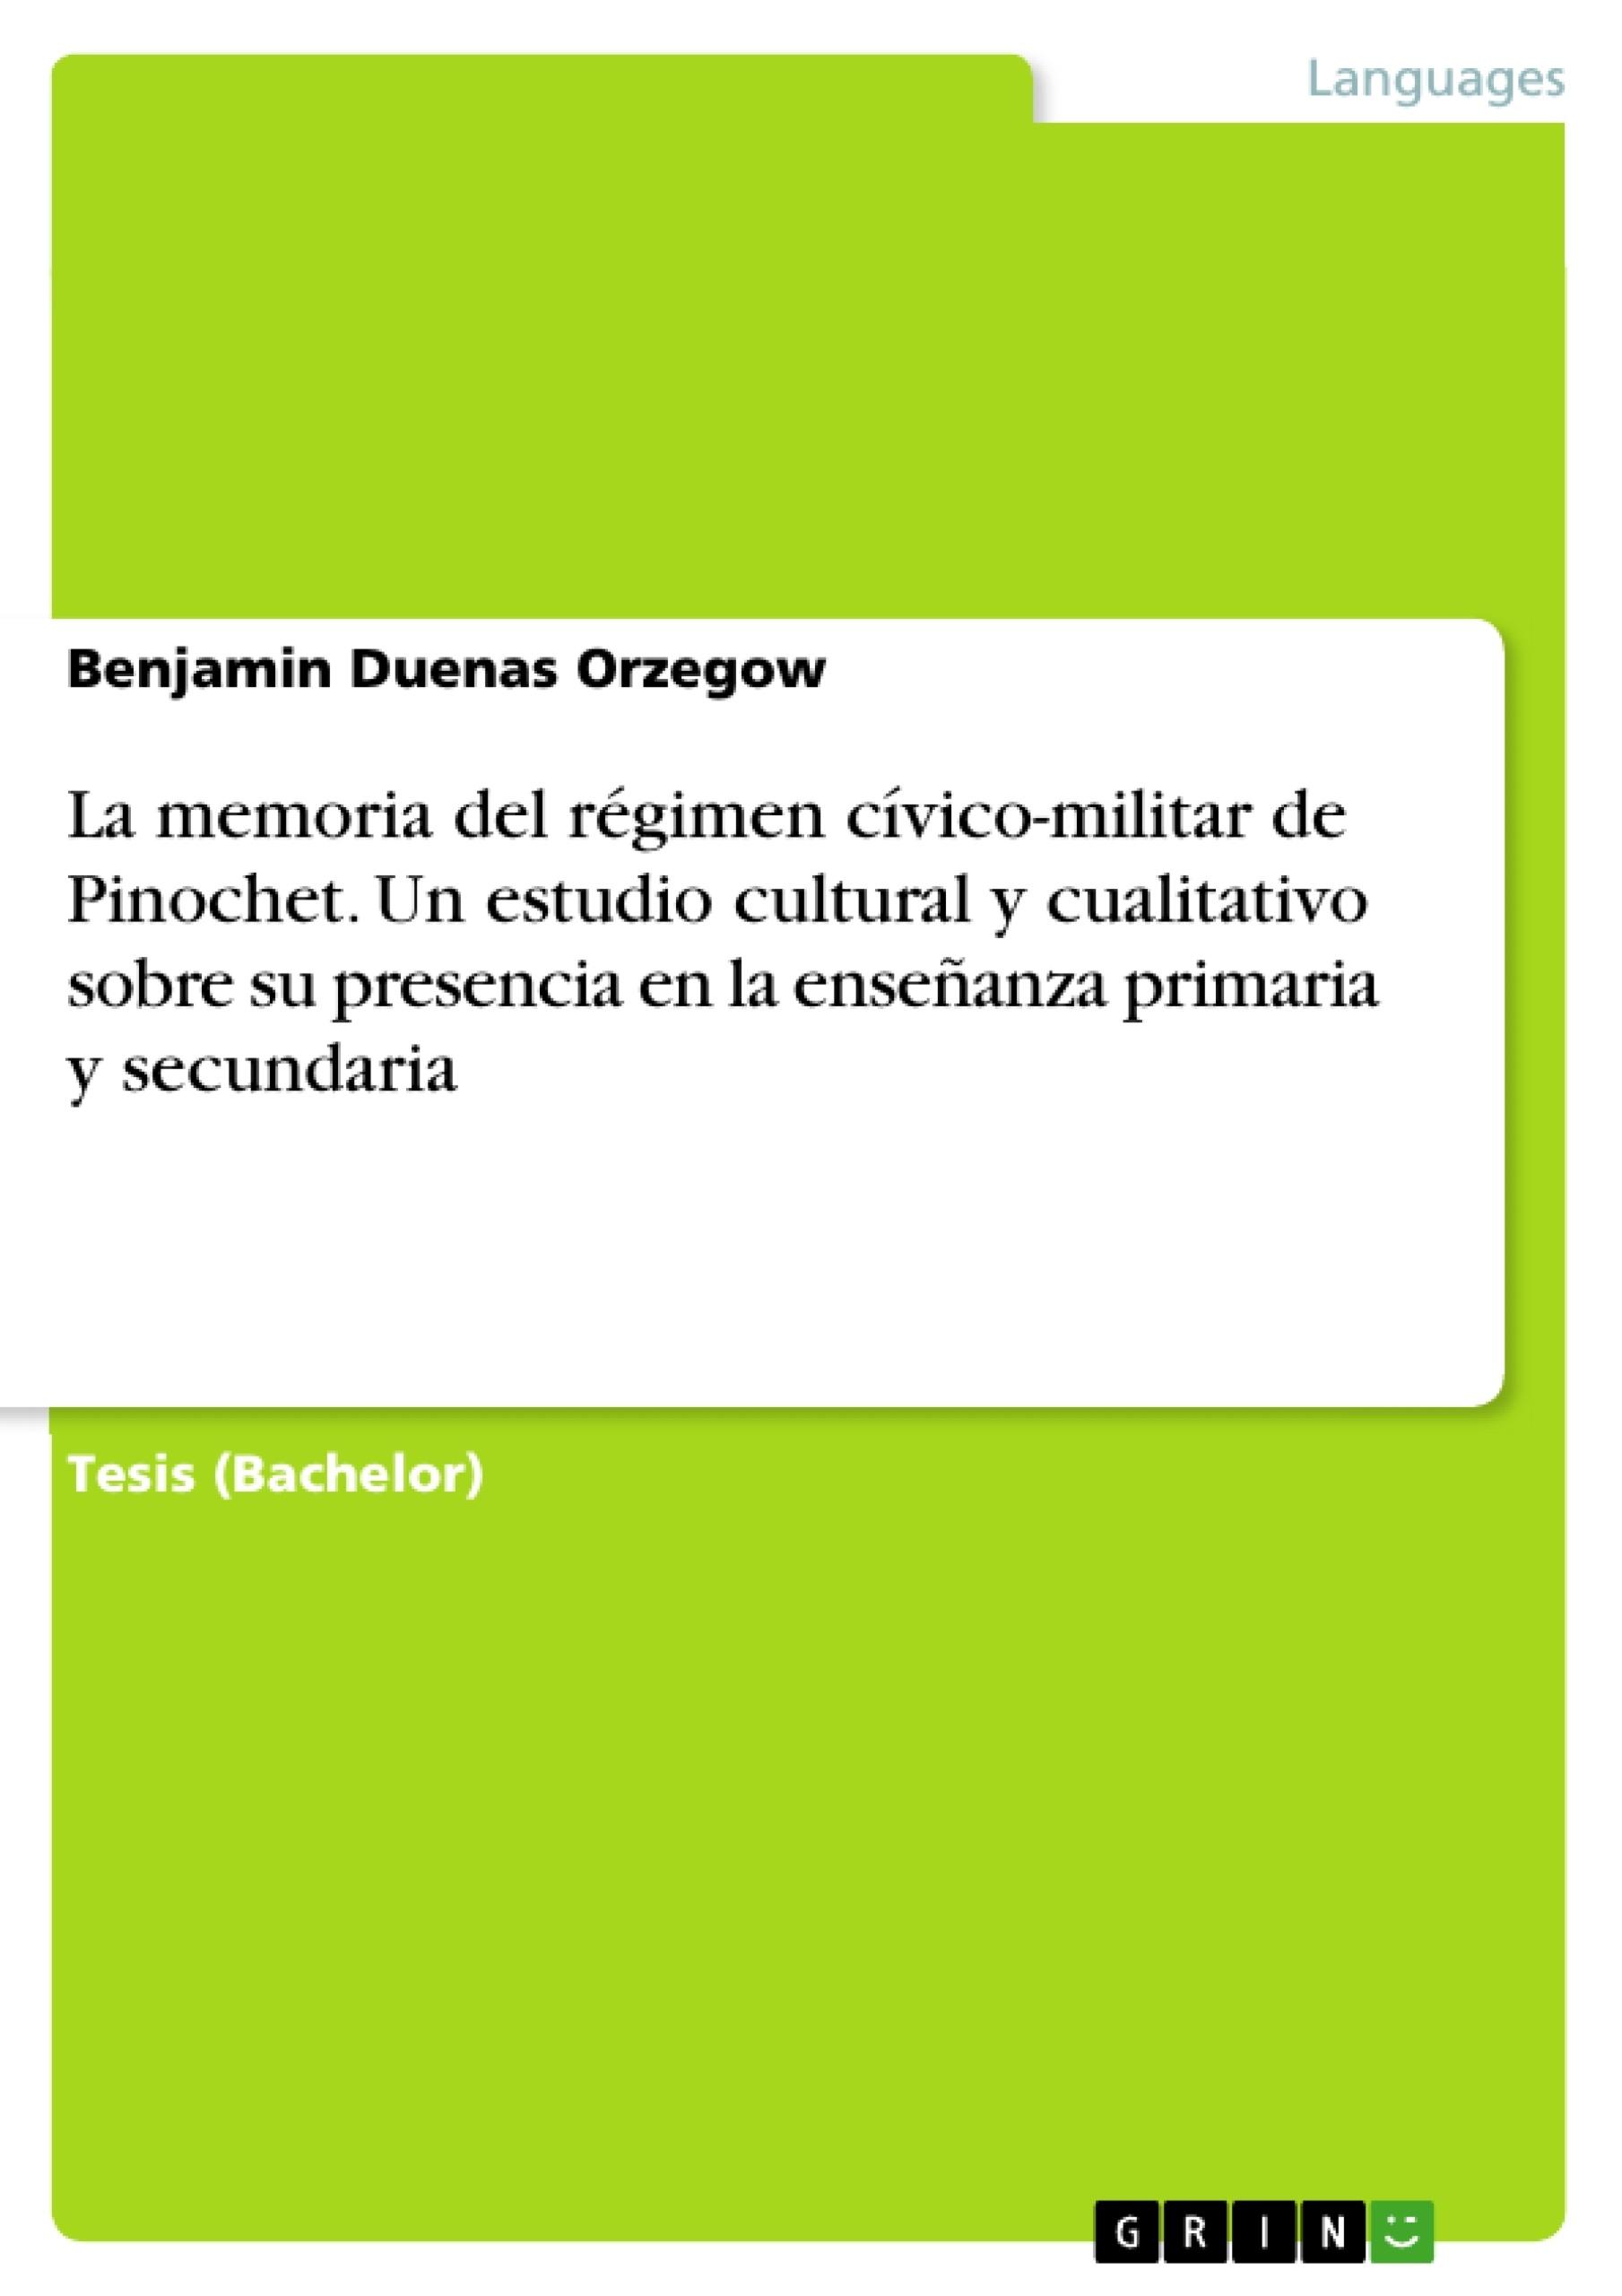 Título: La memoria del régimen cívico-militar de Pinochet. Un estudio cultural y cualitativo sobre su presencia en la enseñanza primaria y secundaria